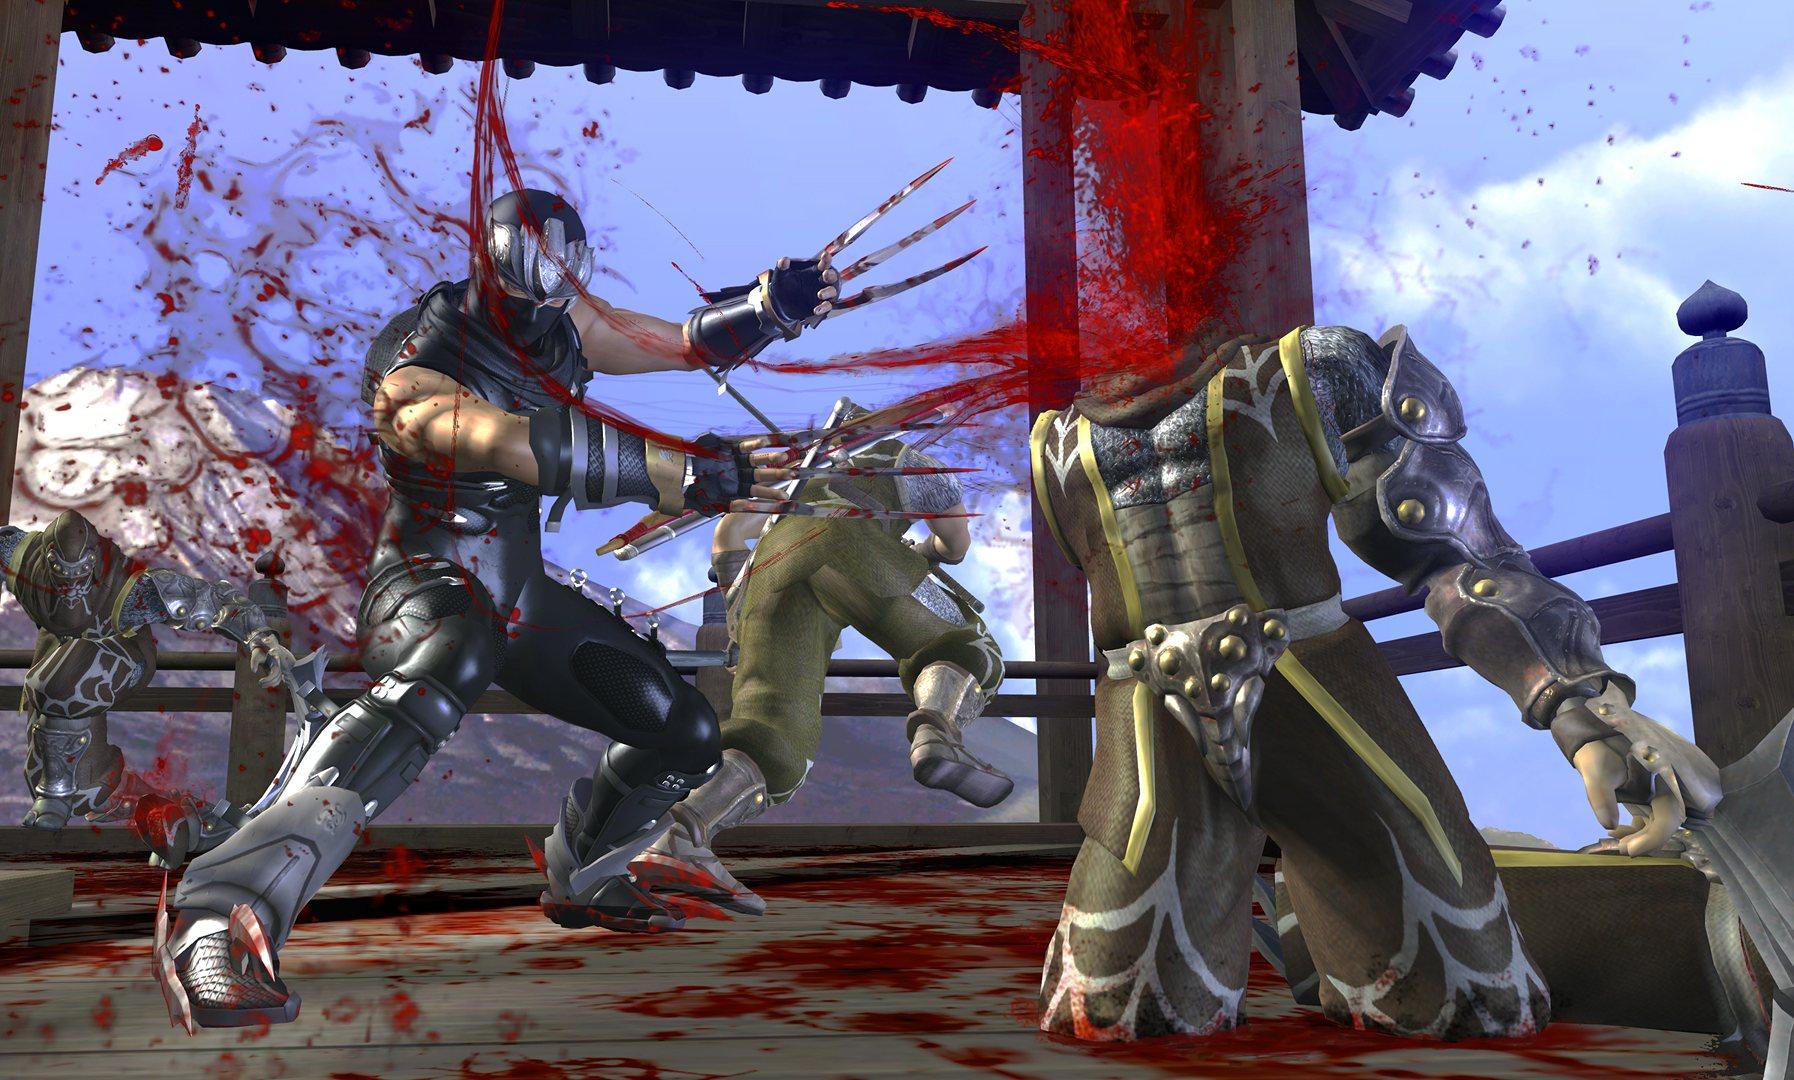 Ninja Gaiden II (Tecmo Koei, 2008)